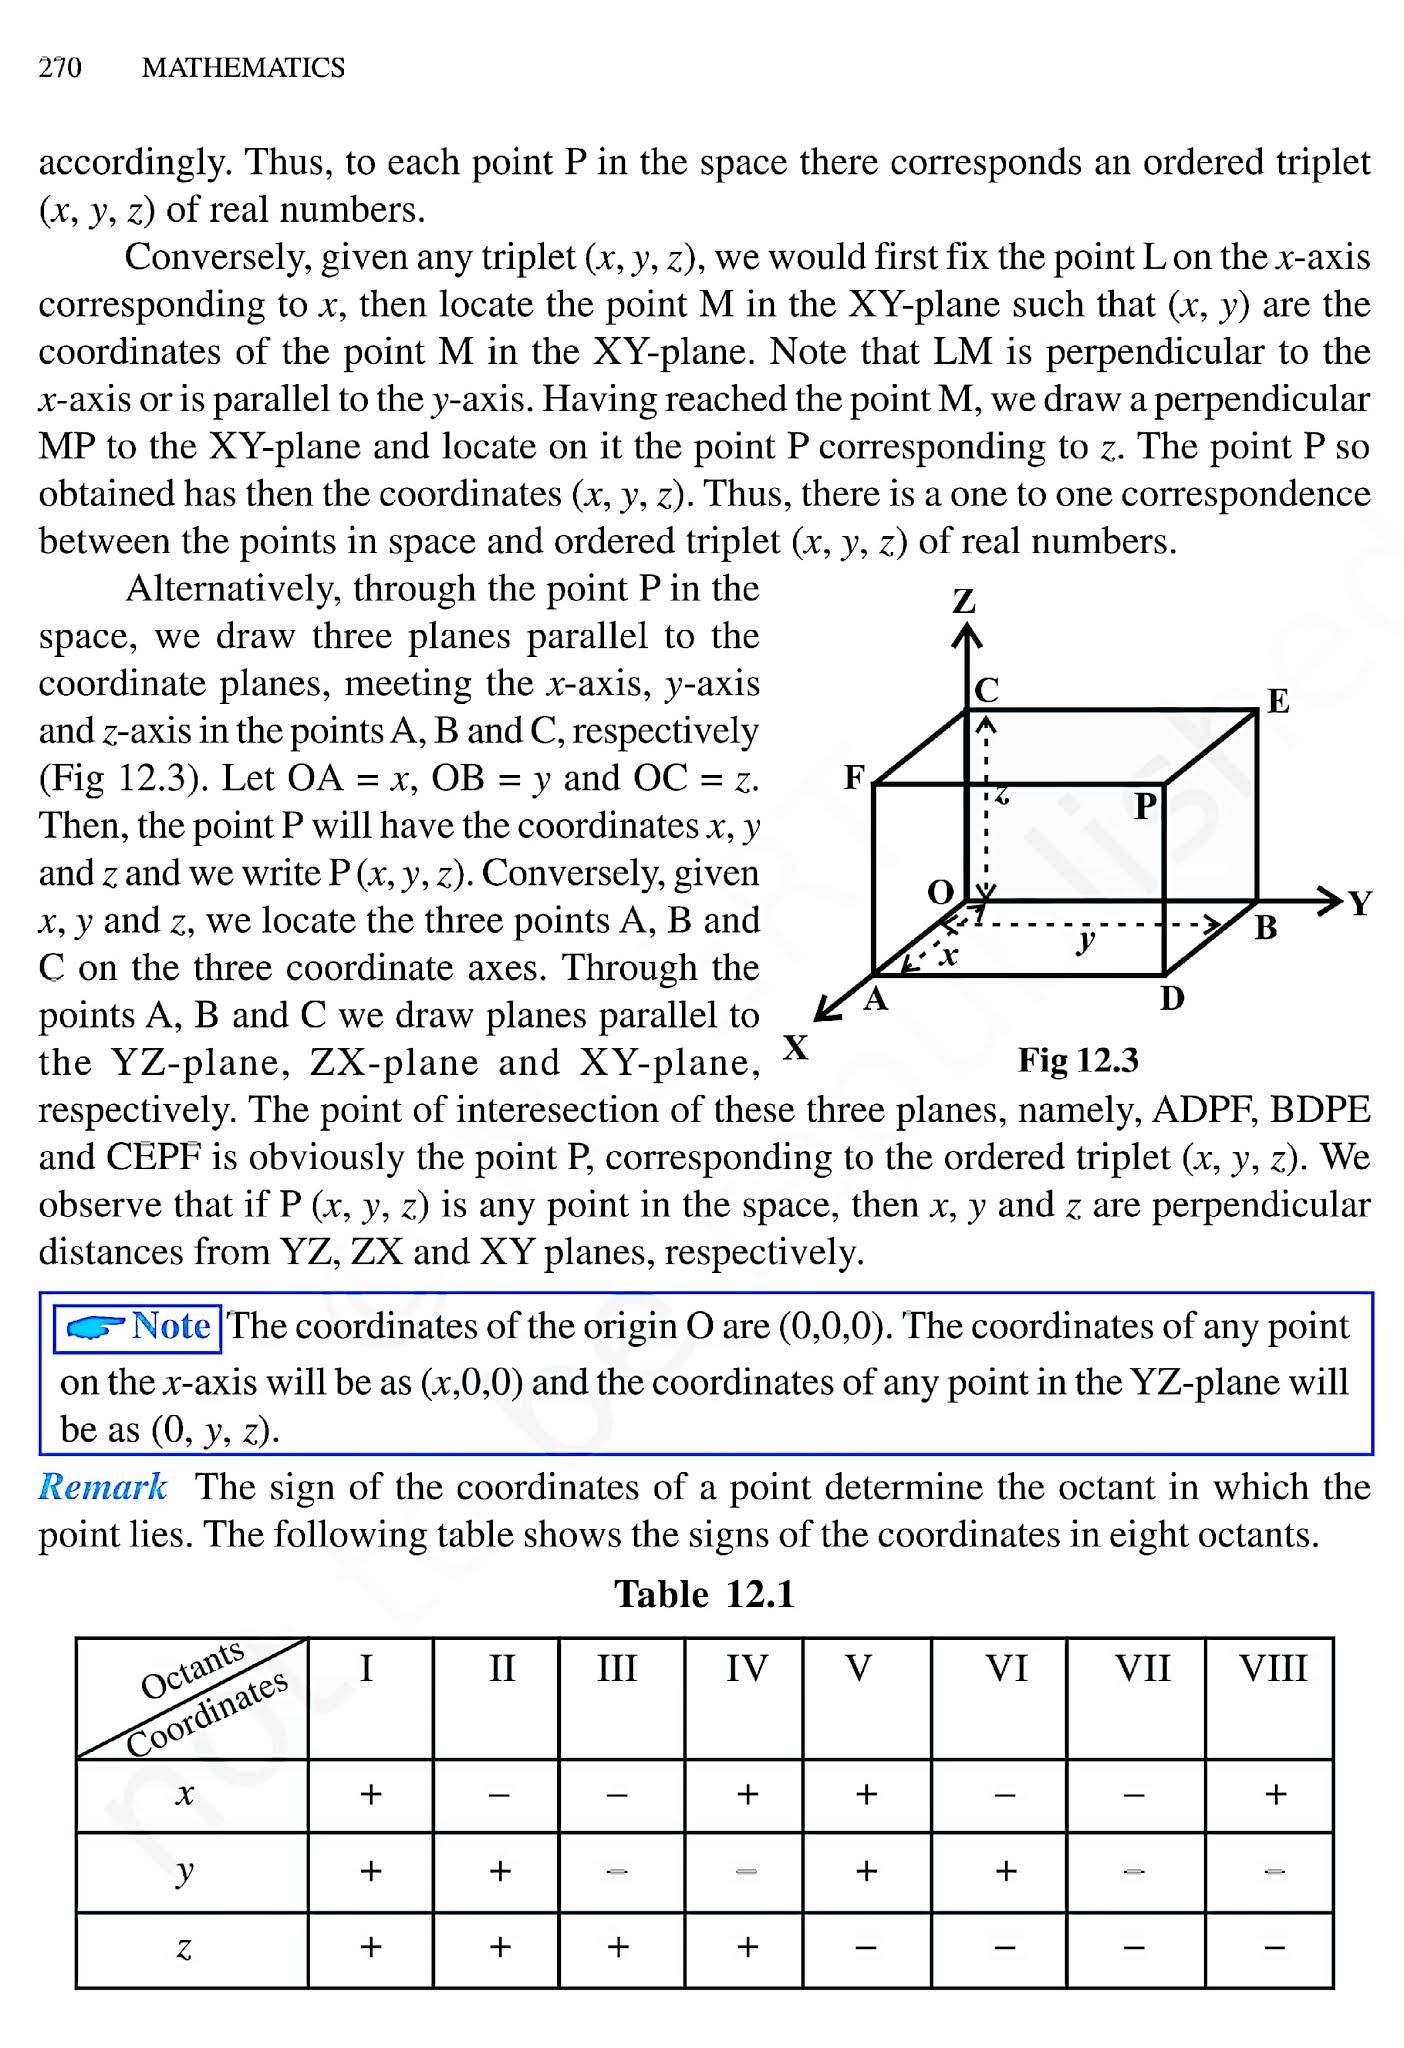 Class 11 Maths Chapter 12 Text Book - English Medium,  11th Maths book in hindi,11th Maths notes in hindi,cbse books for class  11,cbse books in hindi,cbse ncert books,class  11  Maths notes in hindi,class  11 hindi ncert solutions, Maths 2020, Maths 2021, Maths 2022, Maths book class  11, Maths book in hindi, Maths class  11 in hindi, Maths notes for class  11 up board in hindi,ncert all books,ncert app in hindi,ncert book solution,ncert books class 10,ncert books class  11,ncert books for class 7,ncert books for upsc in hindi,ncert books in hindi class 10,ncert books in hindi for class  11  Maths,ncert books in hindi for class 6,ncert books in hindi pdf,ncert class  11 hindi book,ncert english book,ncert  Maths book in hindi,ncert  Maths books in hindi pdf,ncert  Maths class  11,ncert in hindi,old ncert books in hindi,online ncert books in hindi,up board  11th,up board  11th syllabus,up board class 10 hindi book,up board class  11 books,up board class  11 new syllabus,up Board  Maths 2020,up Board  Maths 2021,up Board  Maths 2022,up Board  Maths 2023,up board intermediate  Maths syllabus,up board intermediate syllabus 2021,Up board Master 2021,up board model paper 2021,up board model paper all subject,up board new syllabus of class 11th Maths,up board paper 2021,Up board syllabus 2021,UP board syllabus 2022,   11 वीं मैथ्स पुस्तक हिंदी में,  11 वीं मैथ्स नोट्स हिंदी में, कक्षा  11 के लिए सीबीएससी पुस्तकें, हिंदी में सीबीएससी पुस्तकें, सीबीएससी  पुस्तकें, कक्षा  11 मैथ्स नोट्स हिंदी में, कक्षा  11 हिंदी एनसीईआरटी समाधान, मैथ्स 2020, मैथ्स 2021, मैथ्स 2022, मैथ्स  बुक क्लास  11, मैथ्स बुक इन हिंदी, बायोलॉजी क्लास  11 हिंदी में, मैथ्स नोट्स इन क्लास  11 यूपी  बोर्ड इन हिंदी, एनसीईआरटी मैथ्स की किताब हिंदी में,  बोर्ड  11 वीं तक,  11 वीं तक की पाठ्यक्रम, बोर्ड कक्षा 10 की हिंदी पुस्तक  , बोर्ड की कक्षा  11 की किताबें, बोर्ड की कक्षा  11 की नई पाठ्यक्रम, बोर्ड मैथ्स 2020, यूपी   बोर्ड मैथ्स 2021, यूपी  बोर्ड मैथ्स 2022, यूपी  बोर्ड मैथ्स 2023, यूपी  बोर्ड इंटरमीडिएट बा